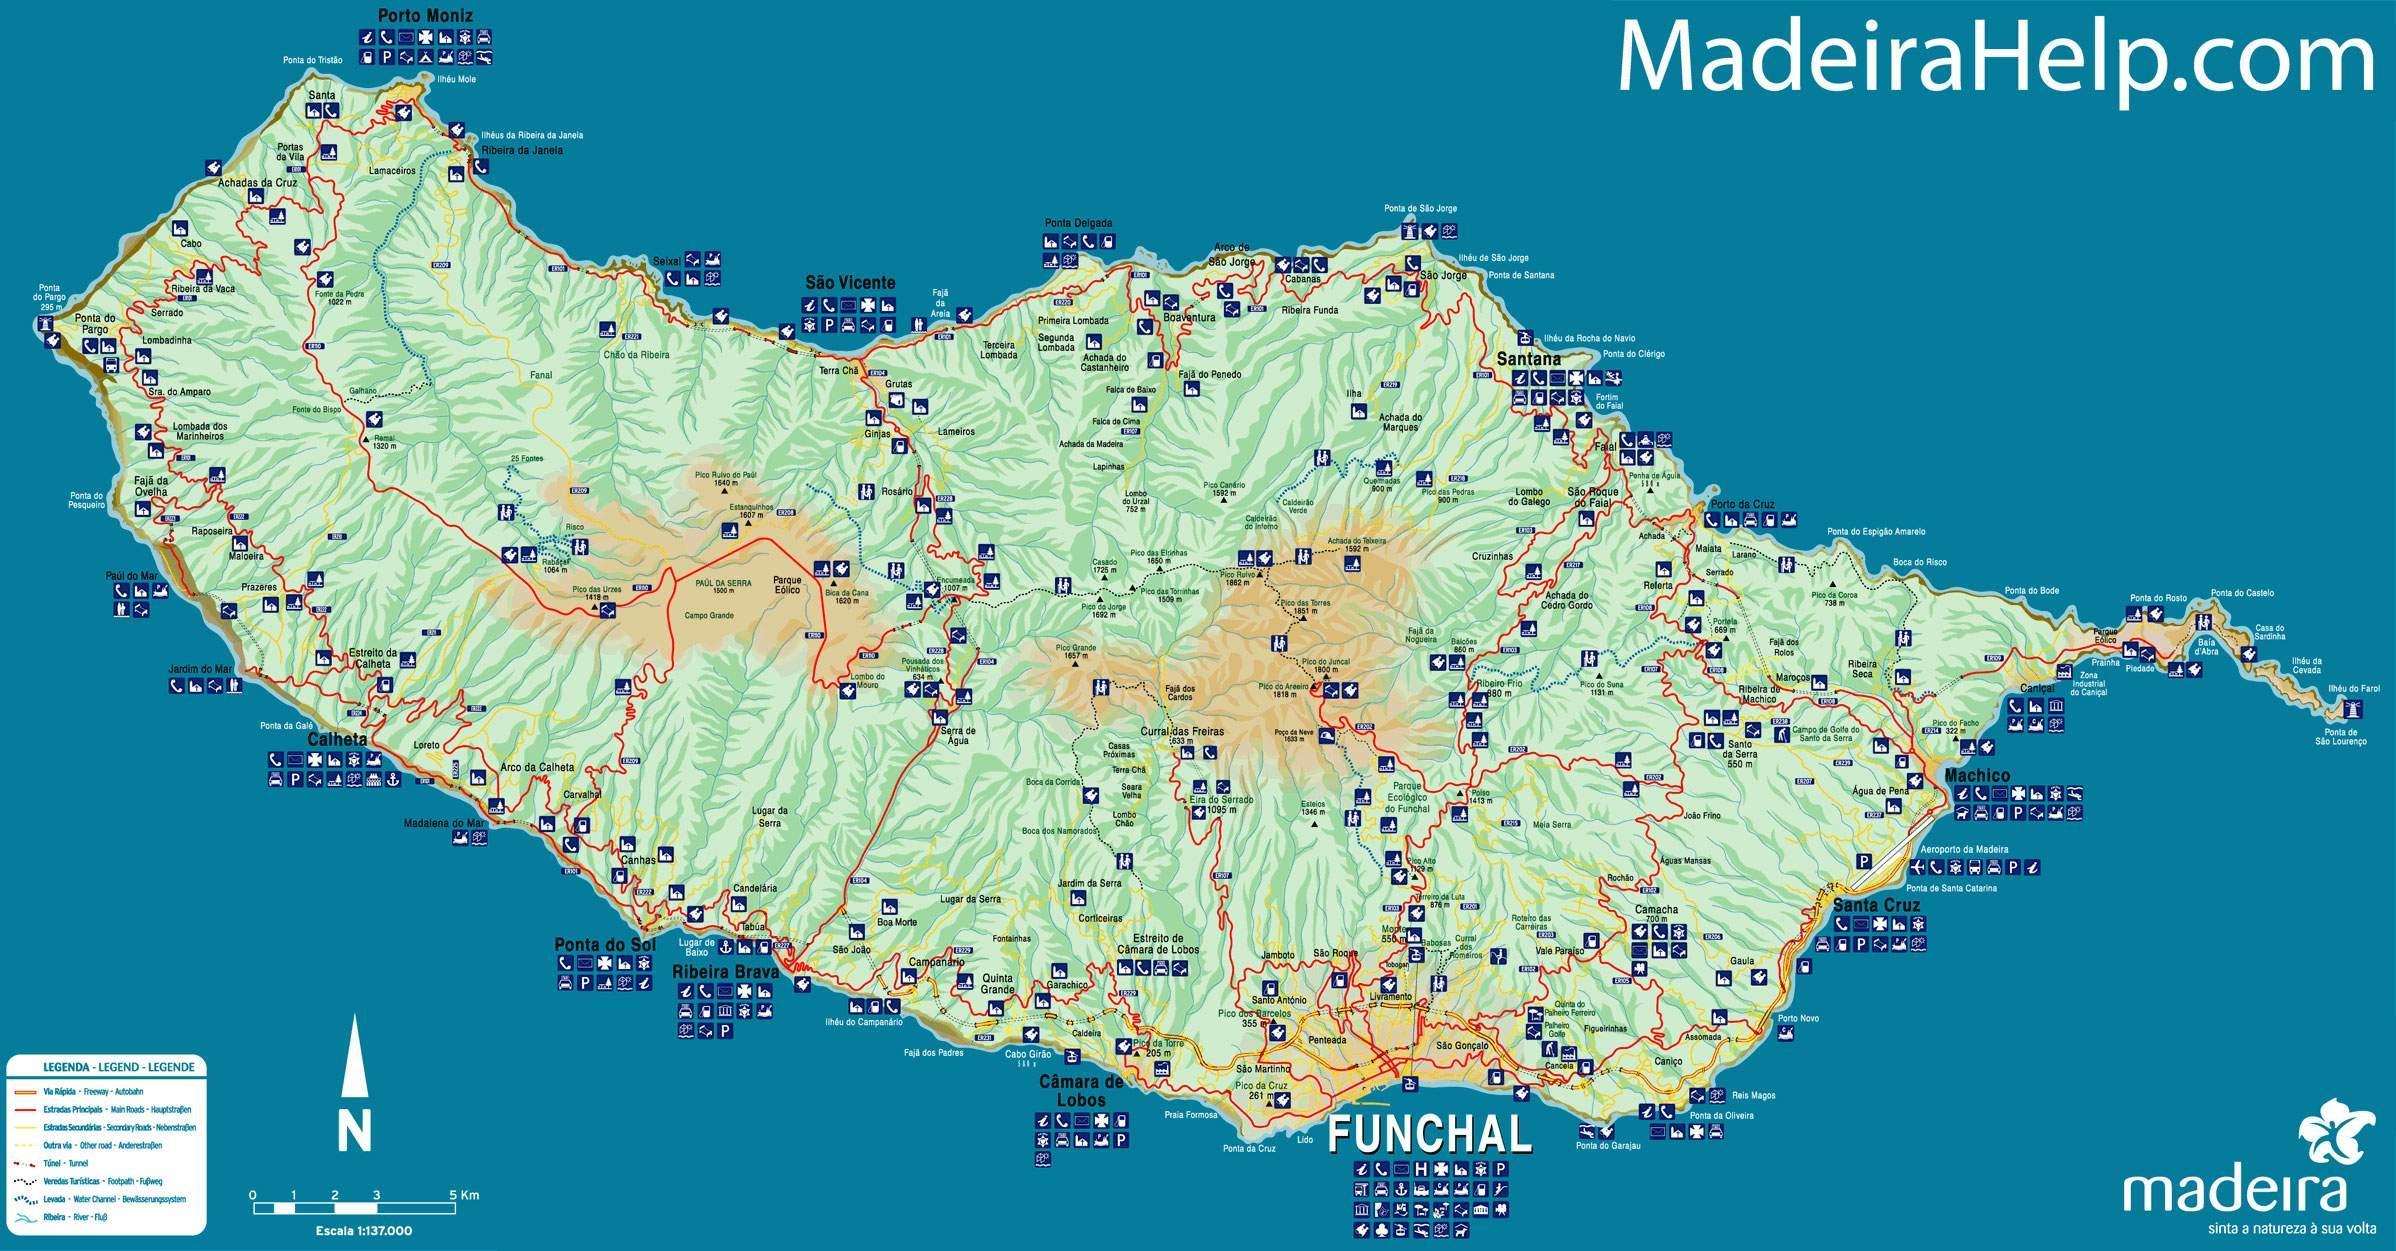 kart over madeira Madeira, Portugal, kart   Kart over Portugal Madeira (Sør Europa  kart over madeira